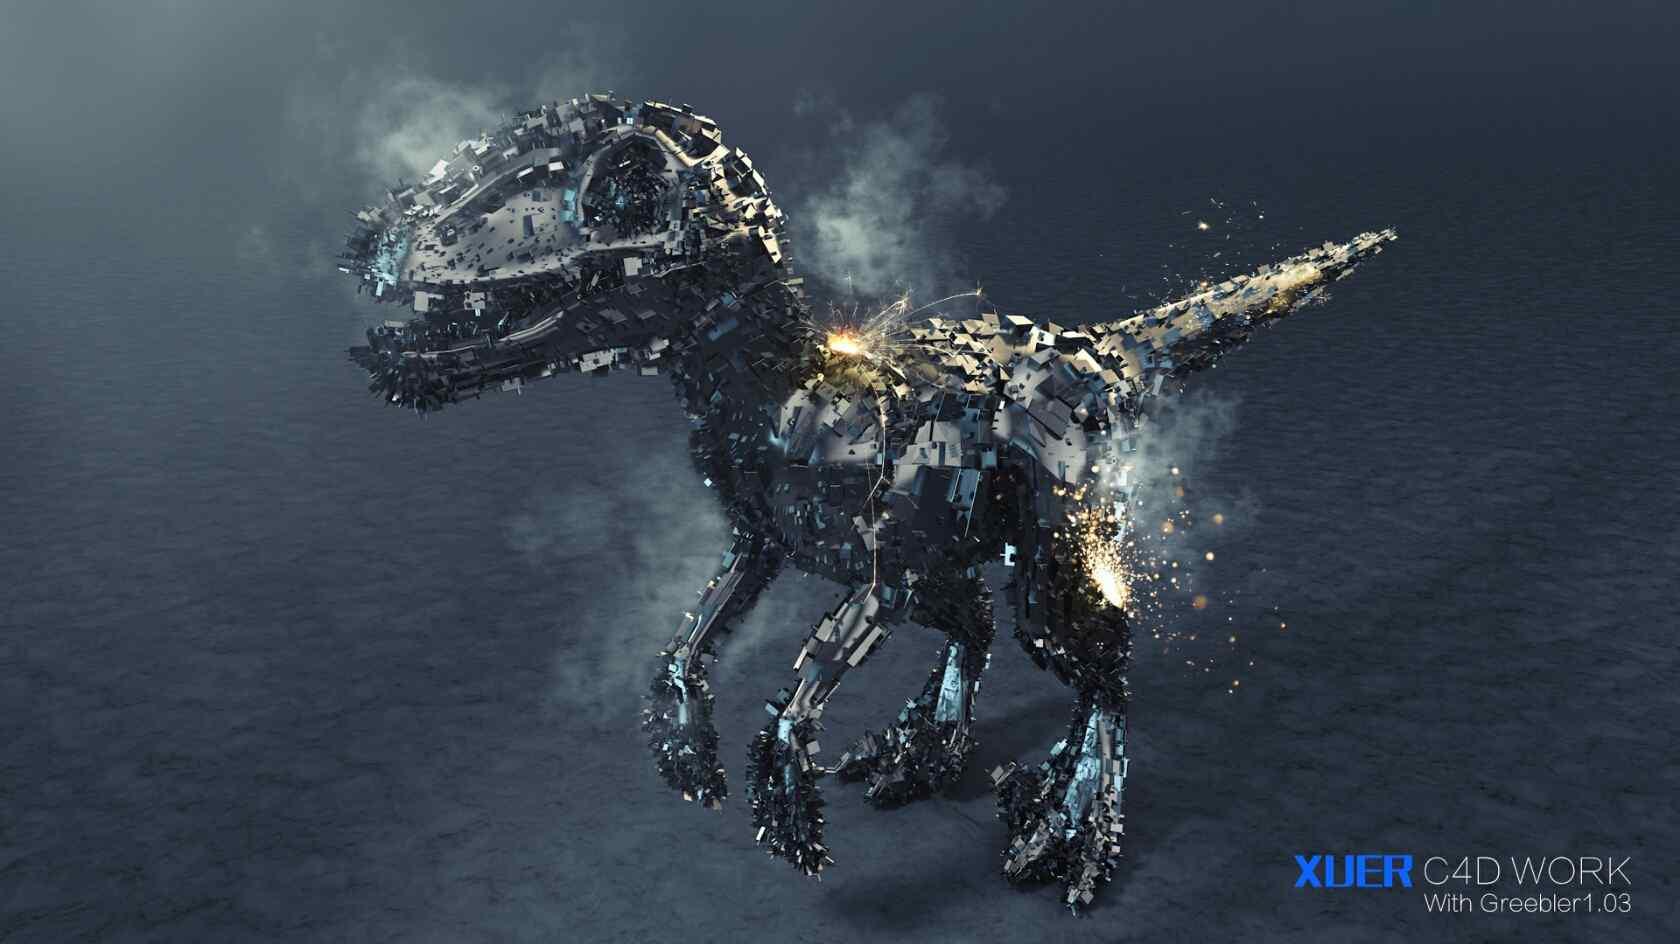 三维立体金属恐龙桌面壁纸